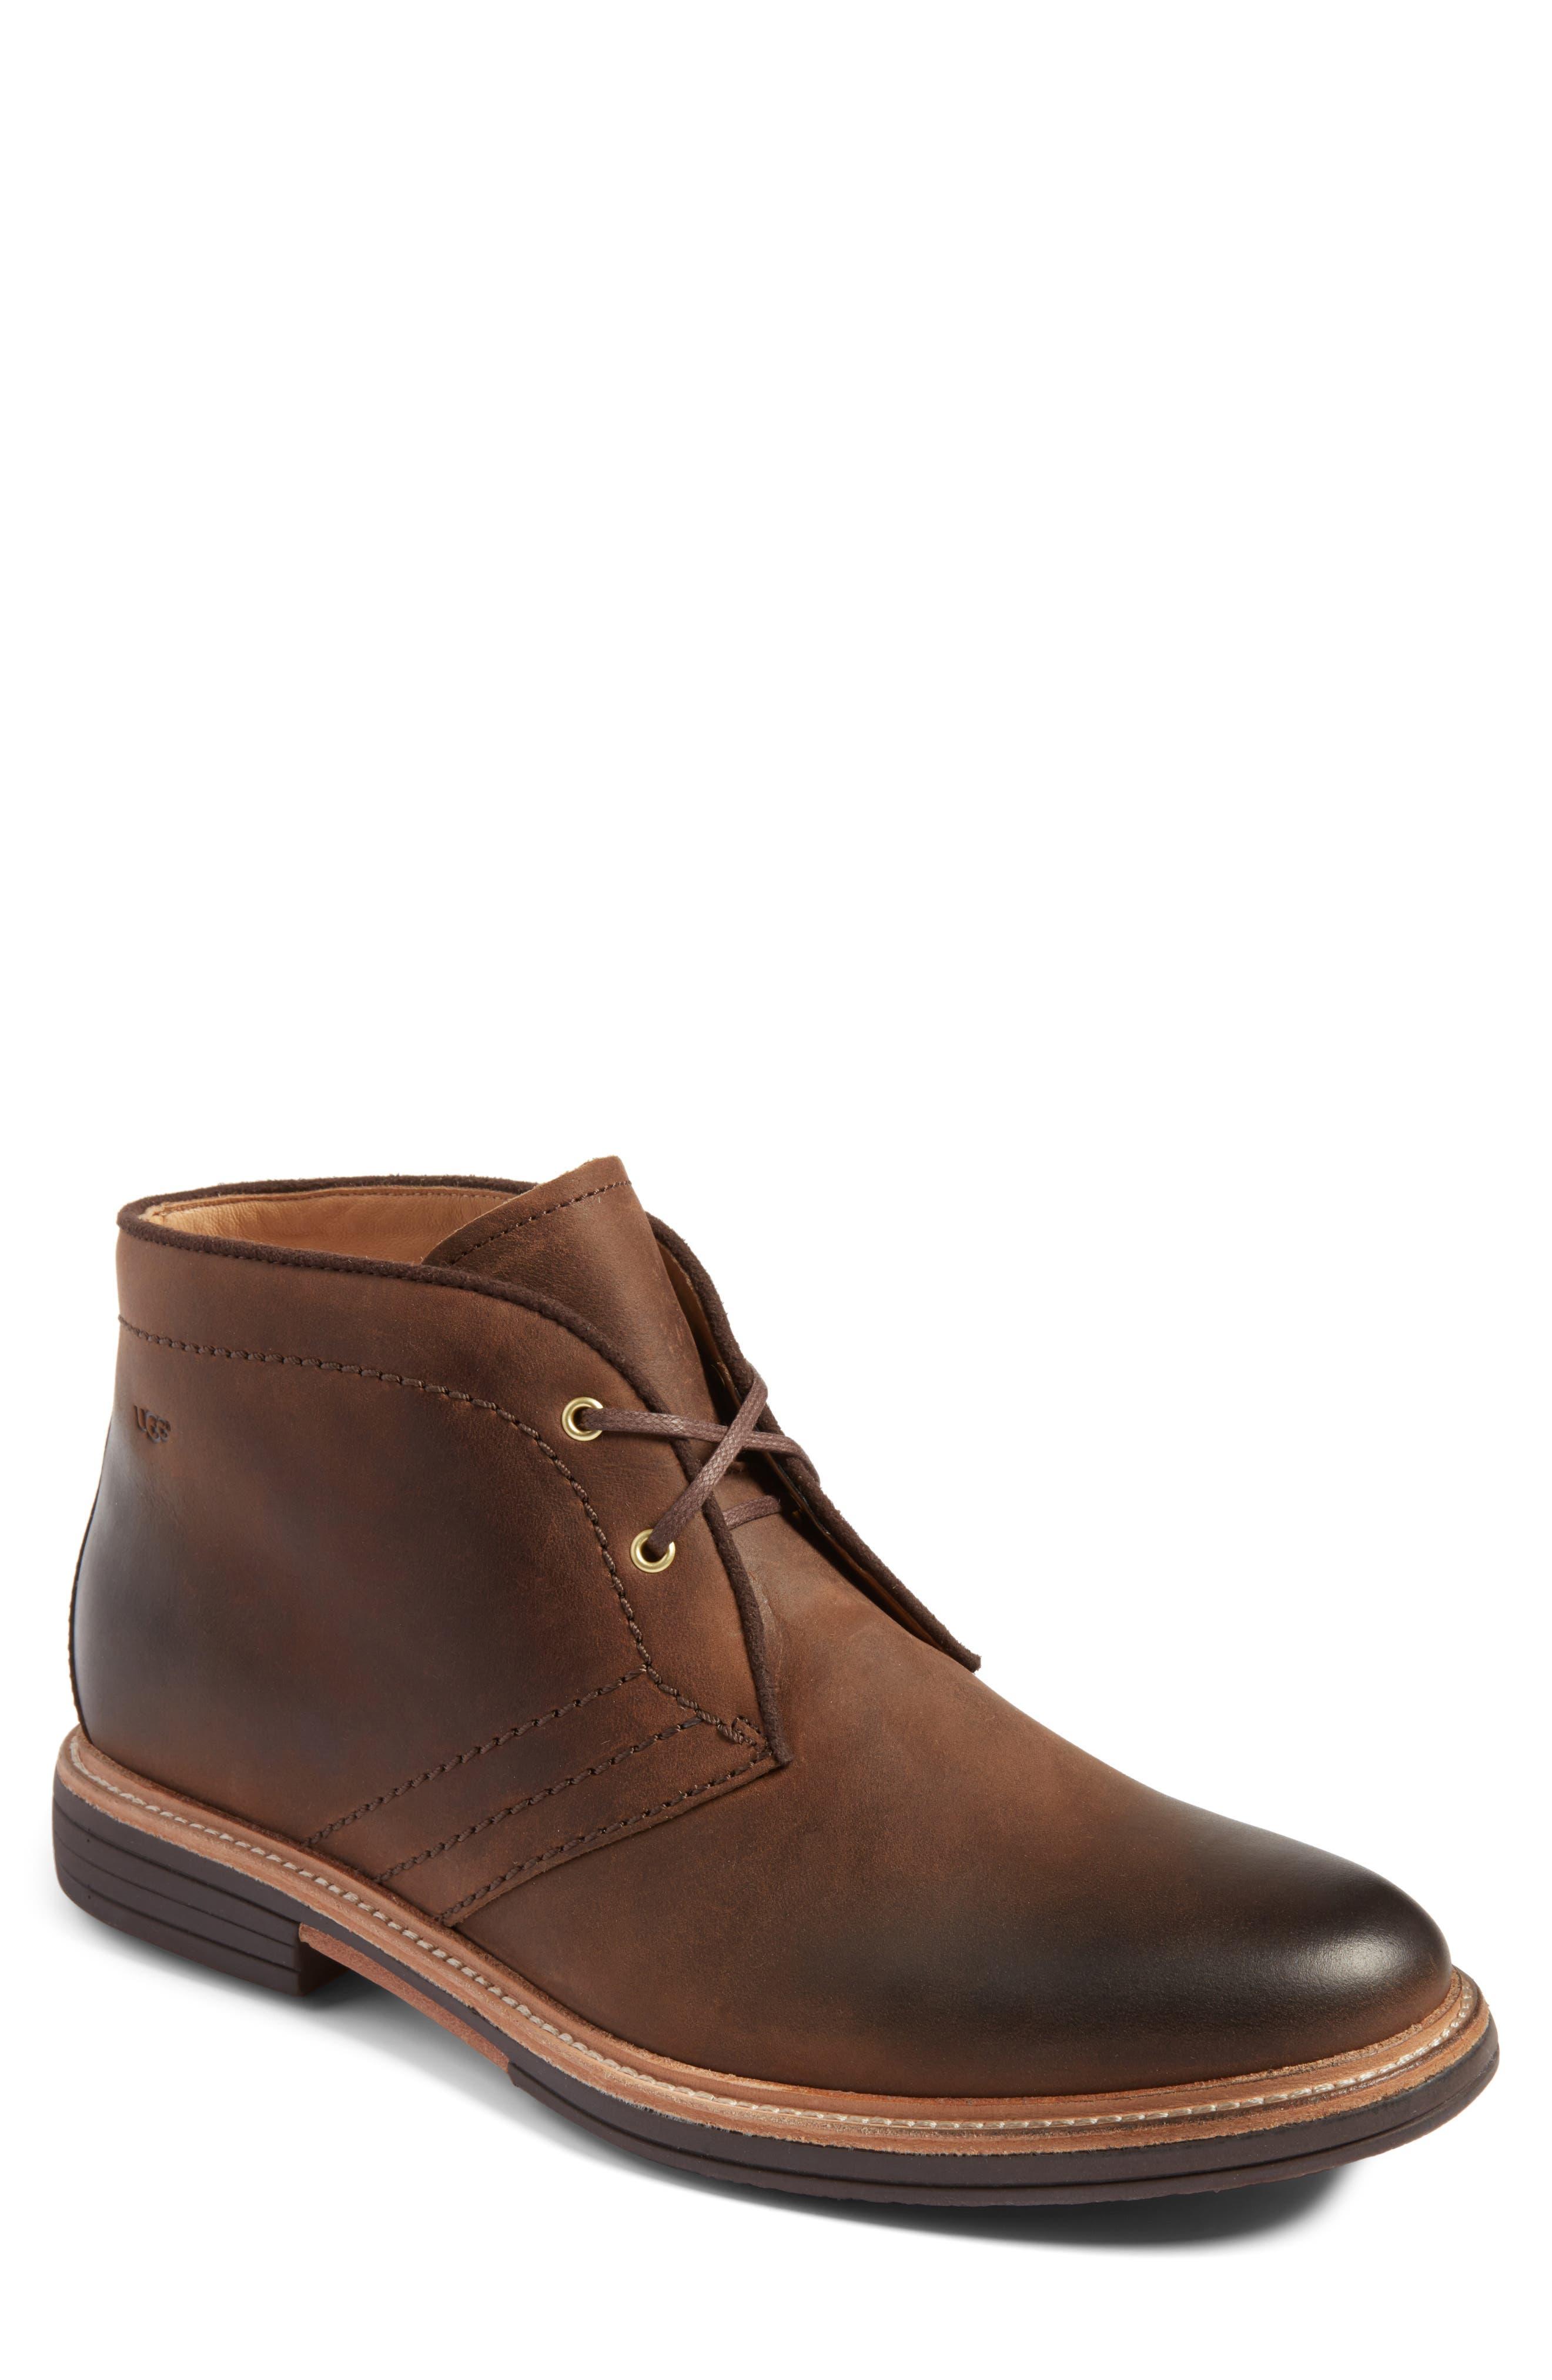 Main Image - UGG® Australia Dagmann Chukka Boot (Men)